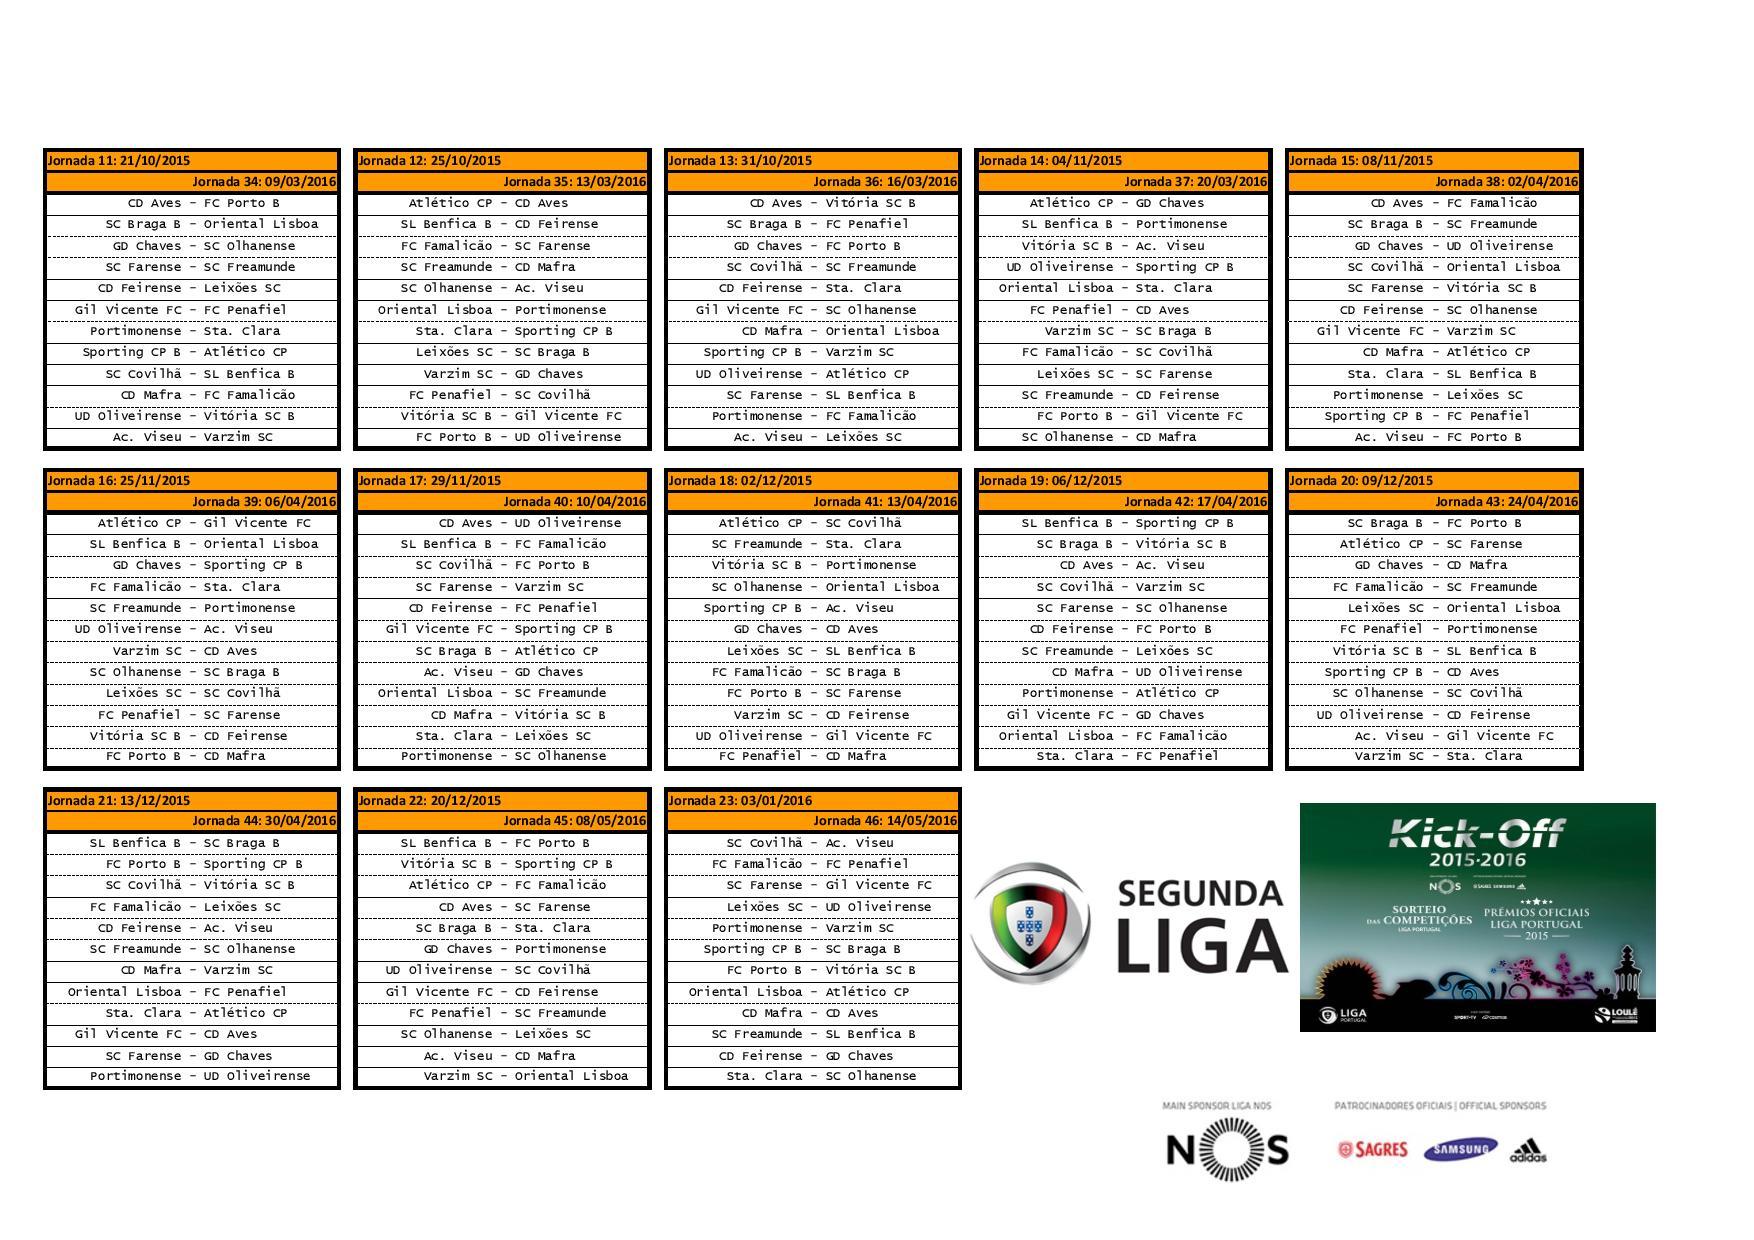 Calendario Primeira Liga.Felsebiyat Dergisi Popular Segunda Liga Portuguesa Calendario